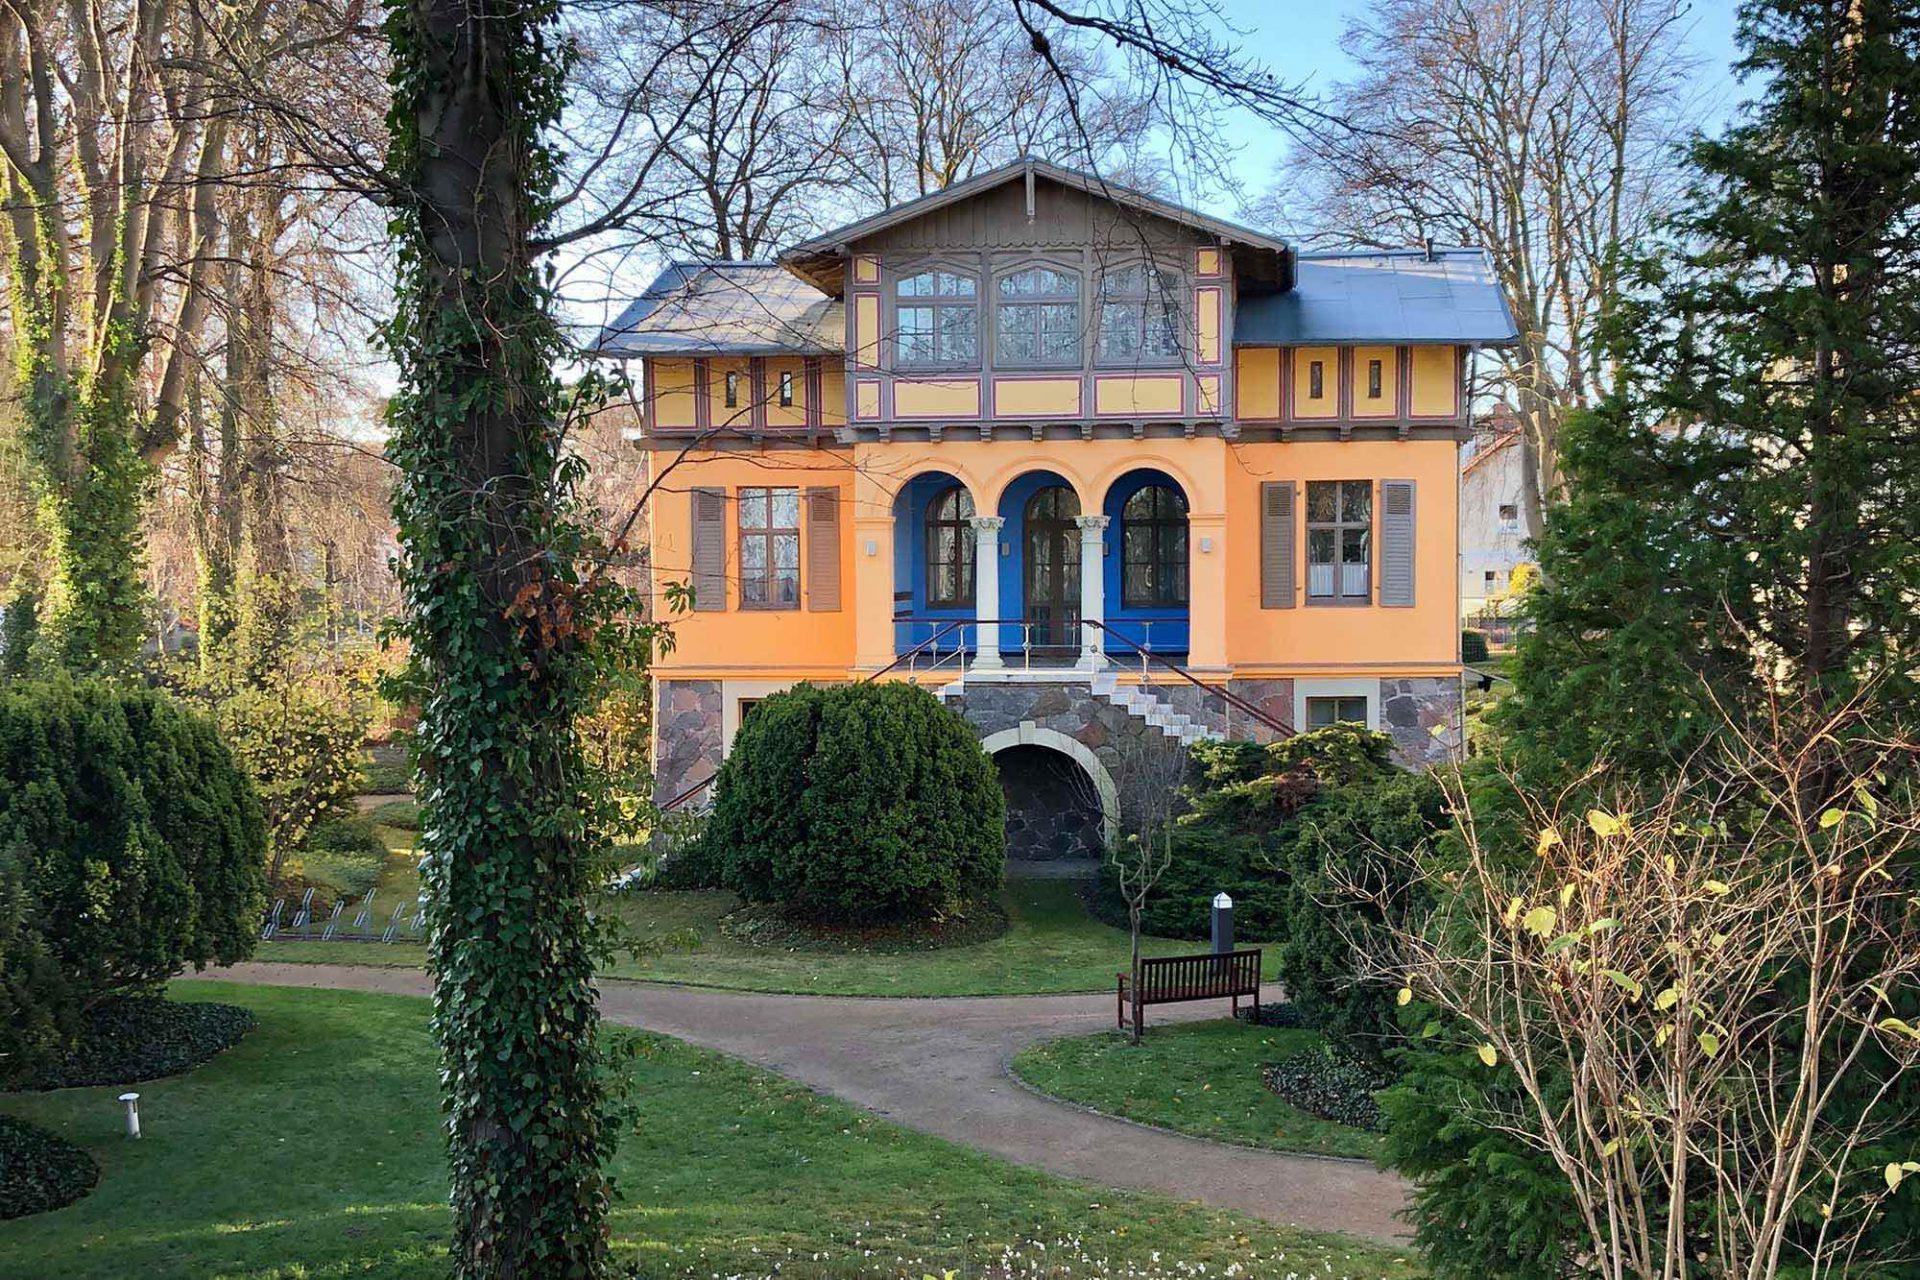 Heringsdorf. Während die Zentren der Seebäder dicht bebaut sind, finden sich an ihren Rändern immer wieder märchenhafte Villen in weitläufigen Parkanlagen.